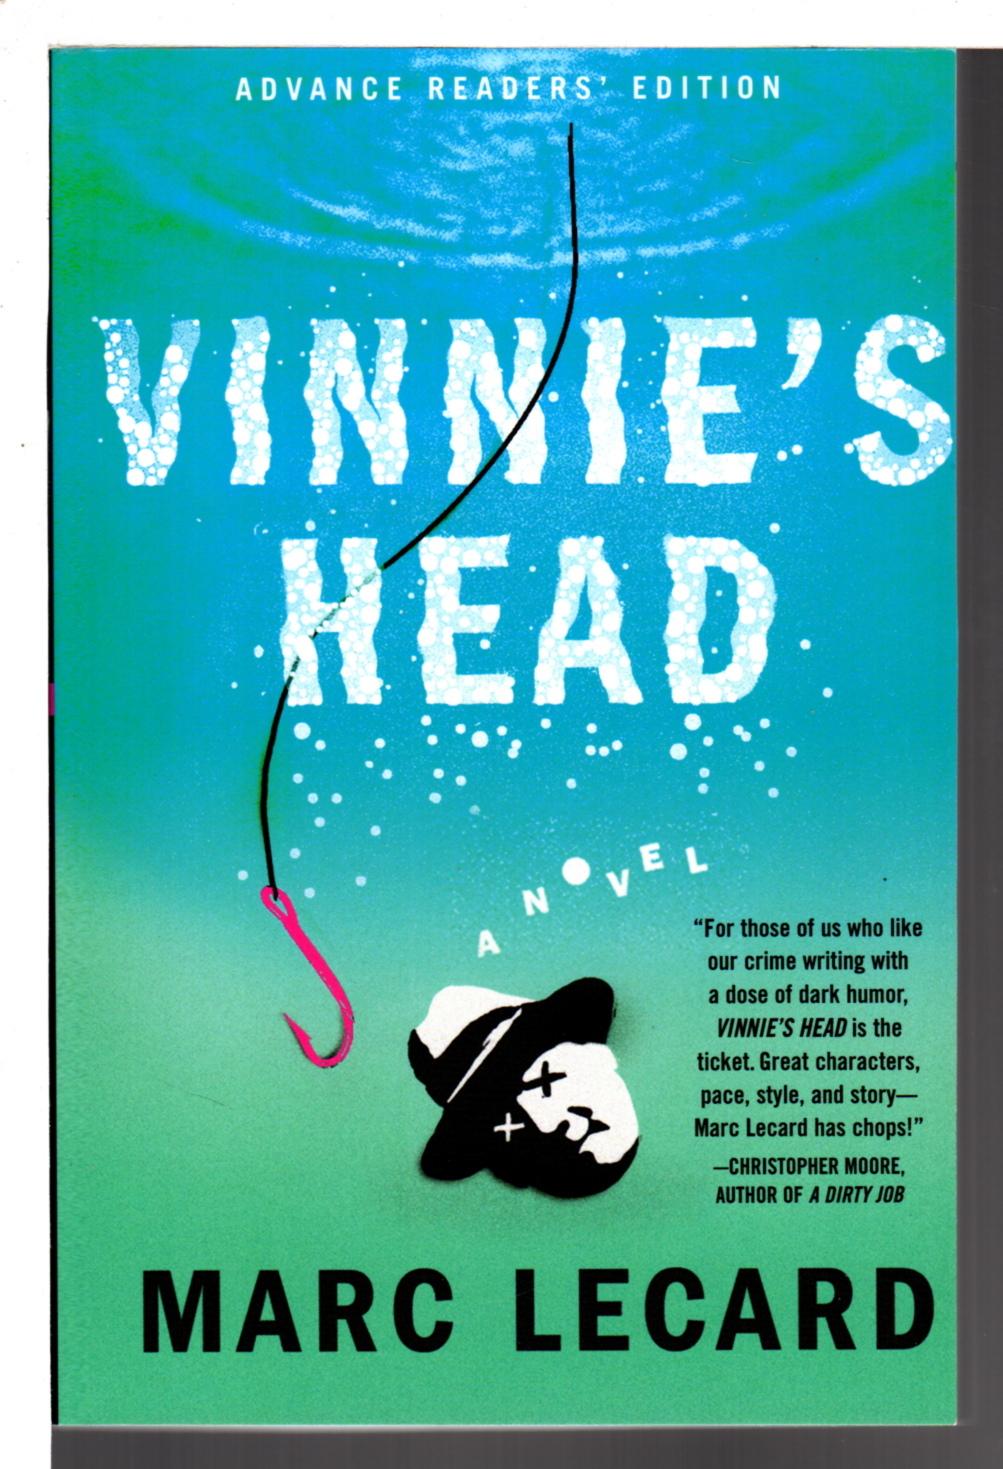 LECARD, MARC. - VINNIE'S HEAD.